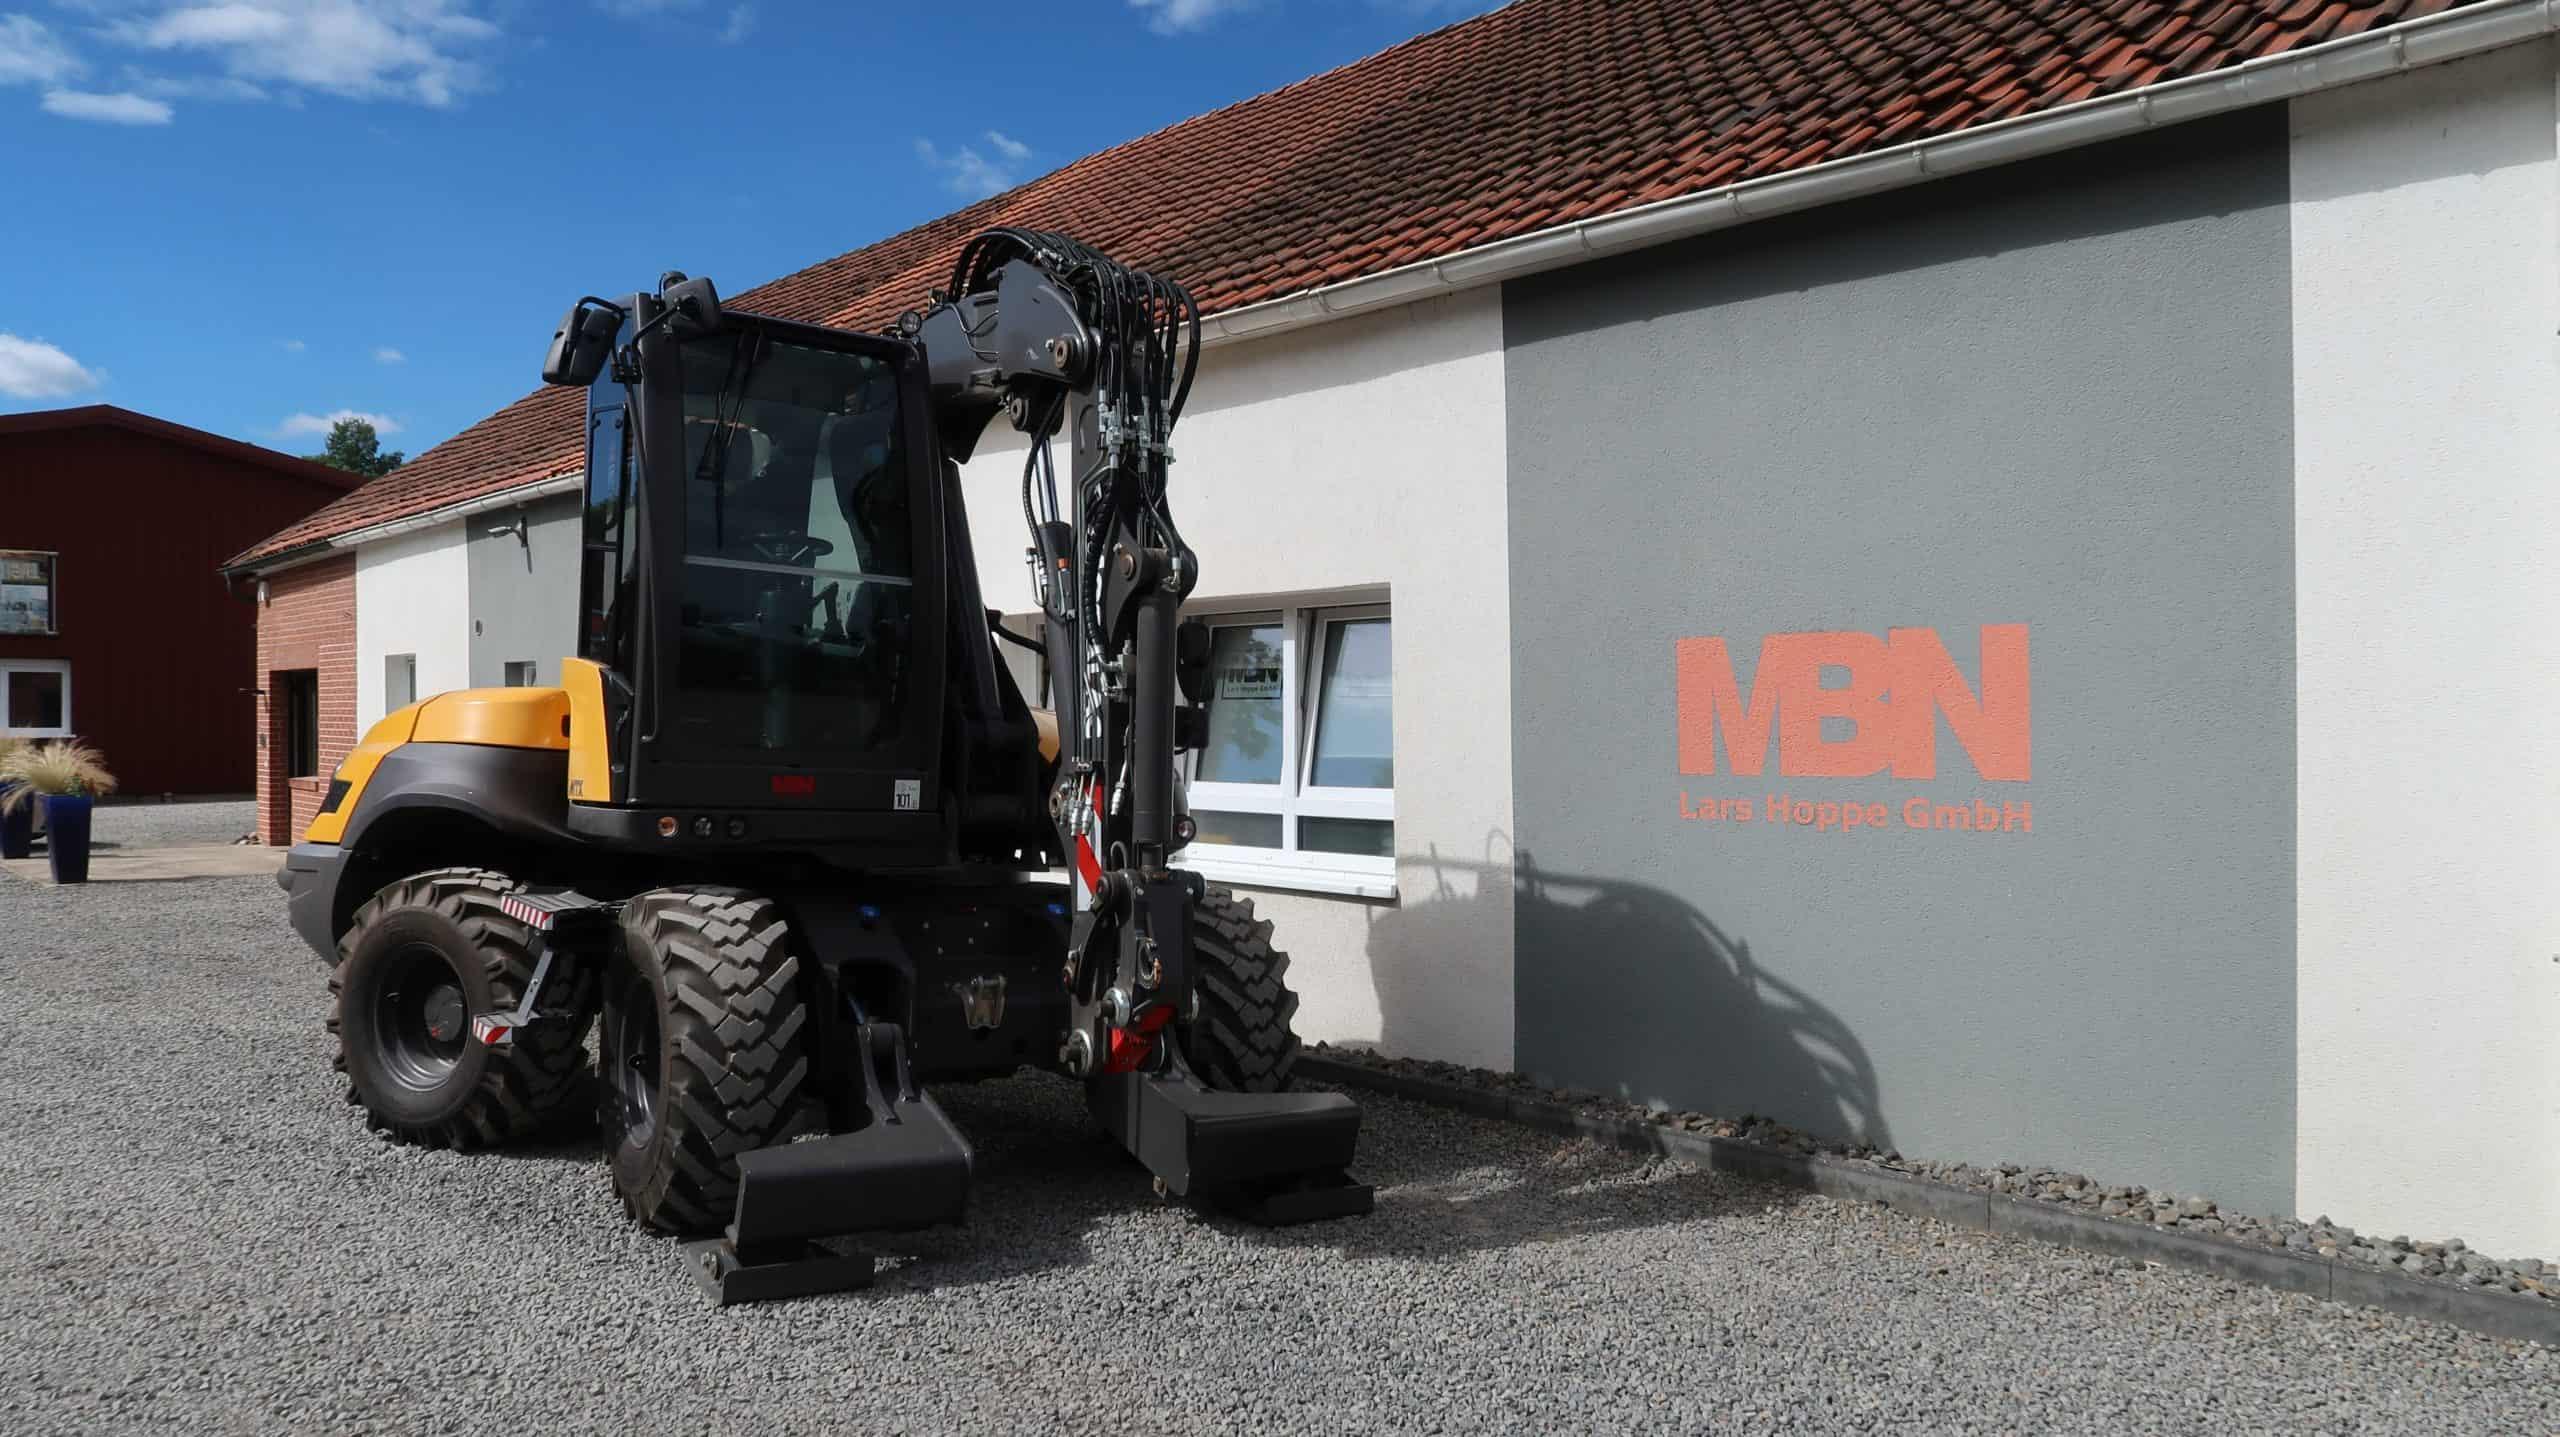 Mecalac-12-MTX-MBN Baumaschinenwelt